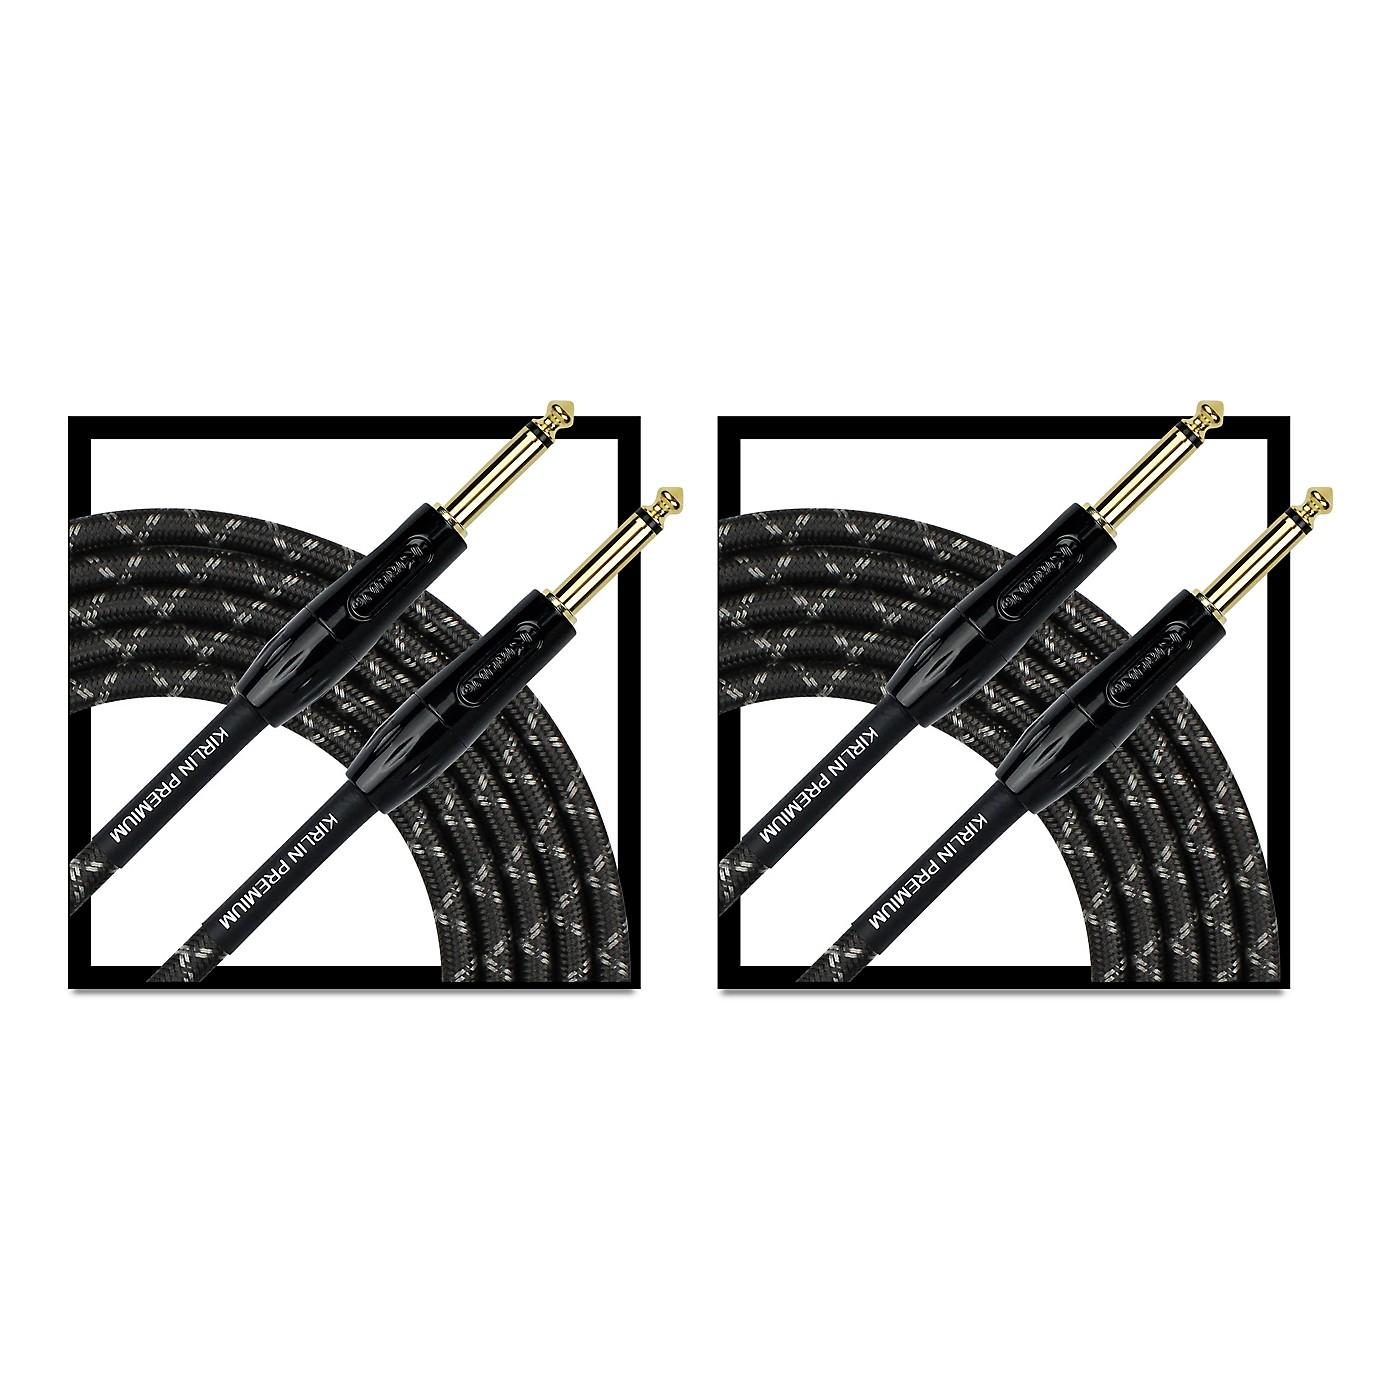 KIRLIN Premium Plus Instrument Cable 20' - 2-Pack thumbnail